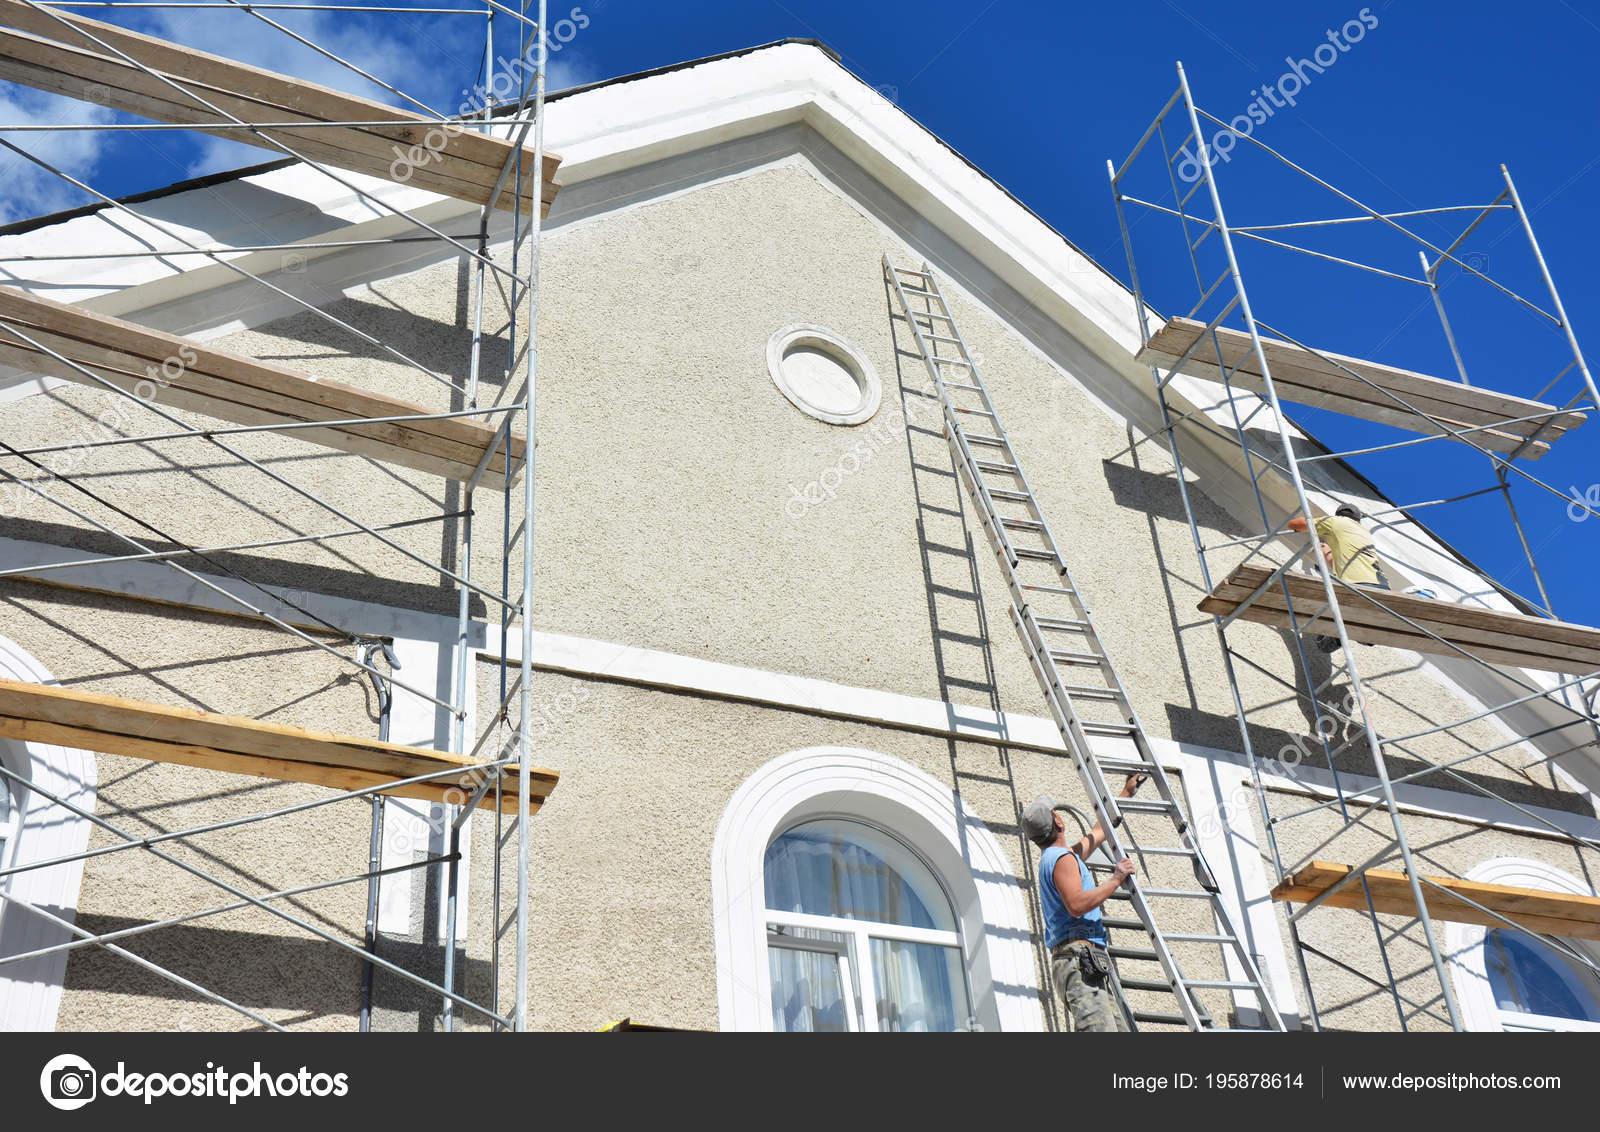 Peinture Plâtrerie Mur échafaudage Extérieur Maison